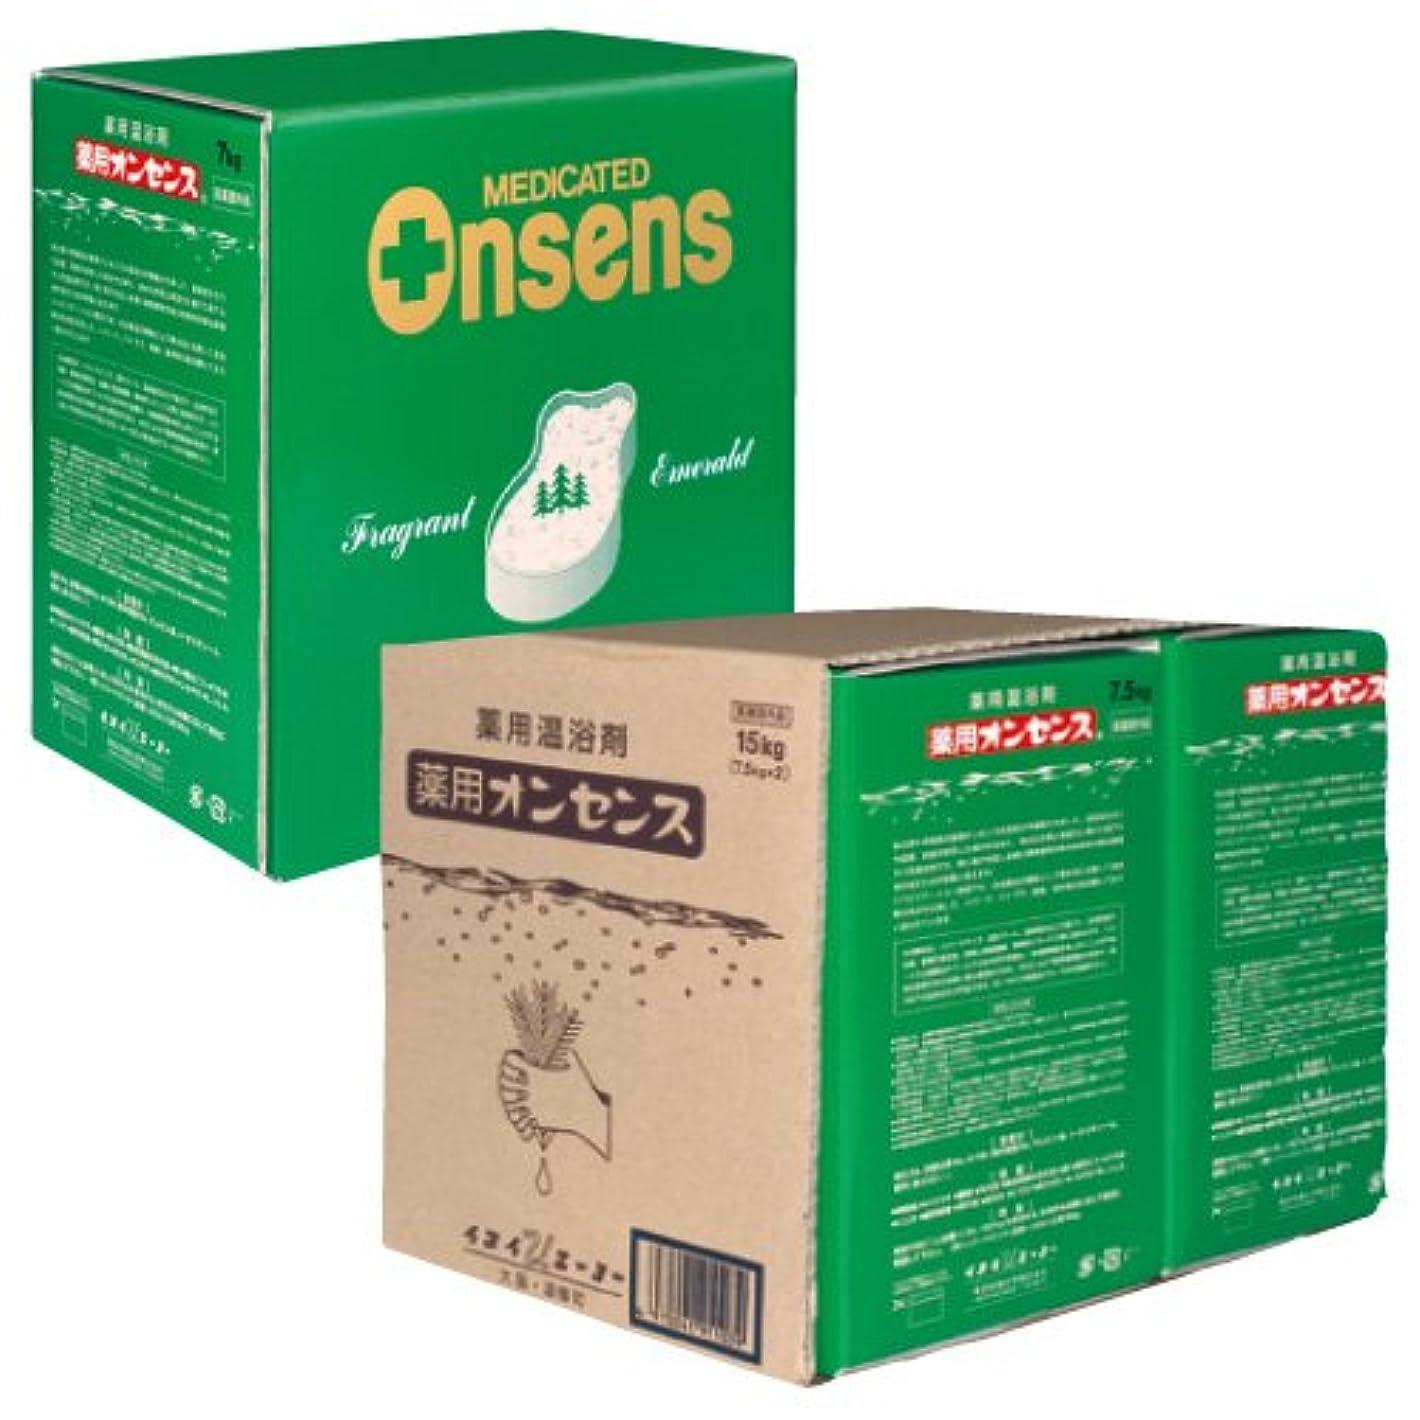 適合する同意リスキーな入浴剤 (薬用オンセンス) 7kg /7-2536-02